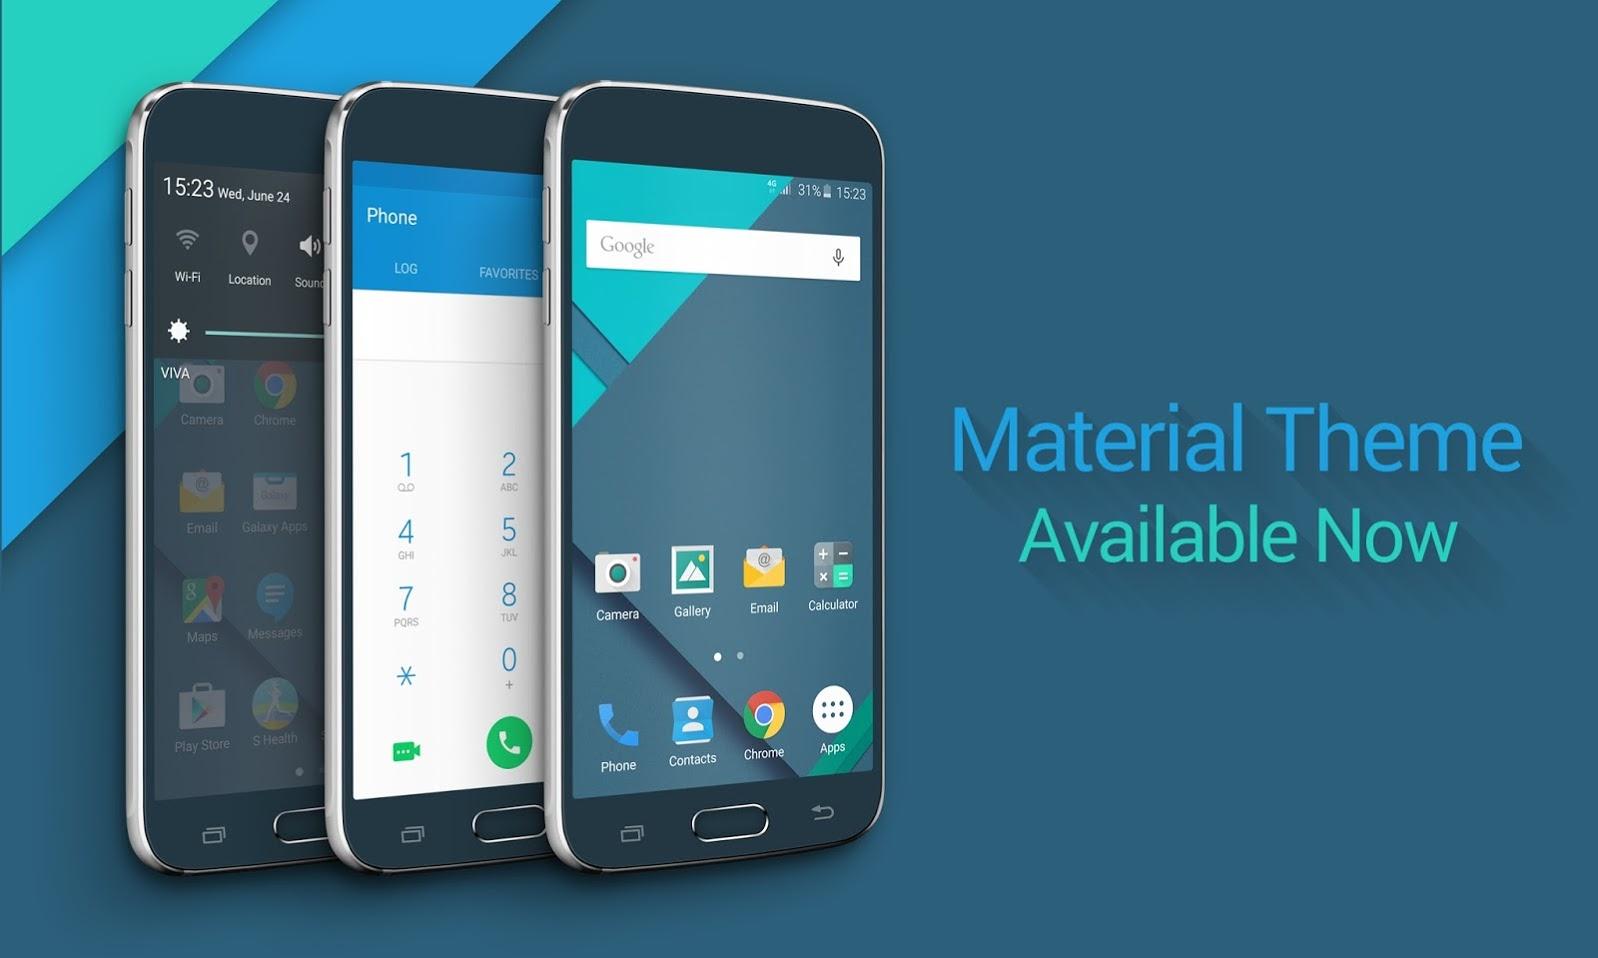 Galaxy S6 : Le thème Android Stock disponible dans le Theme Store